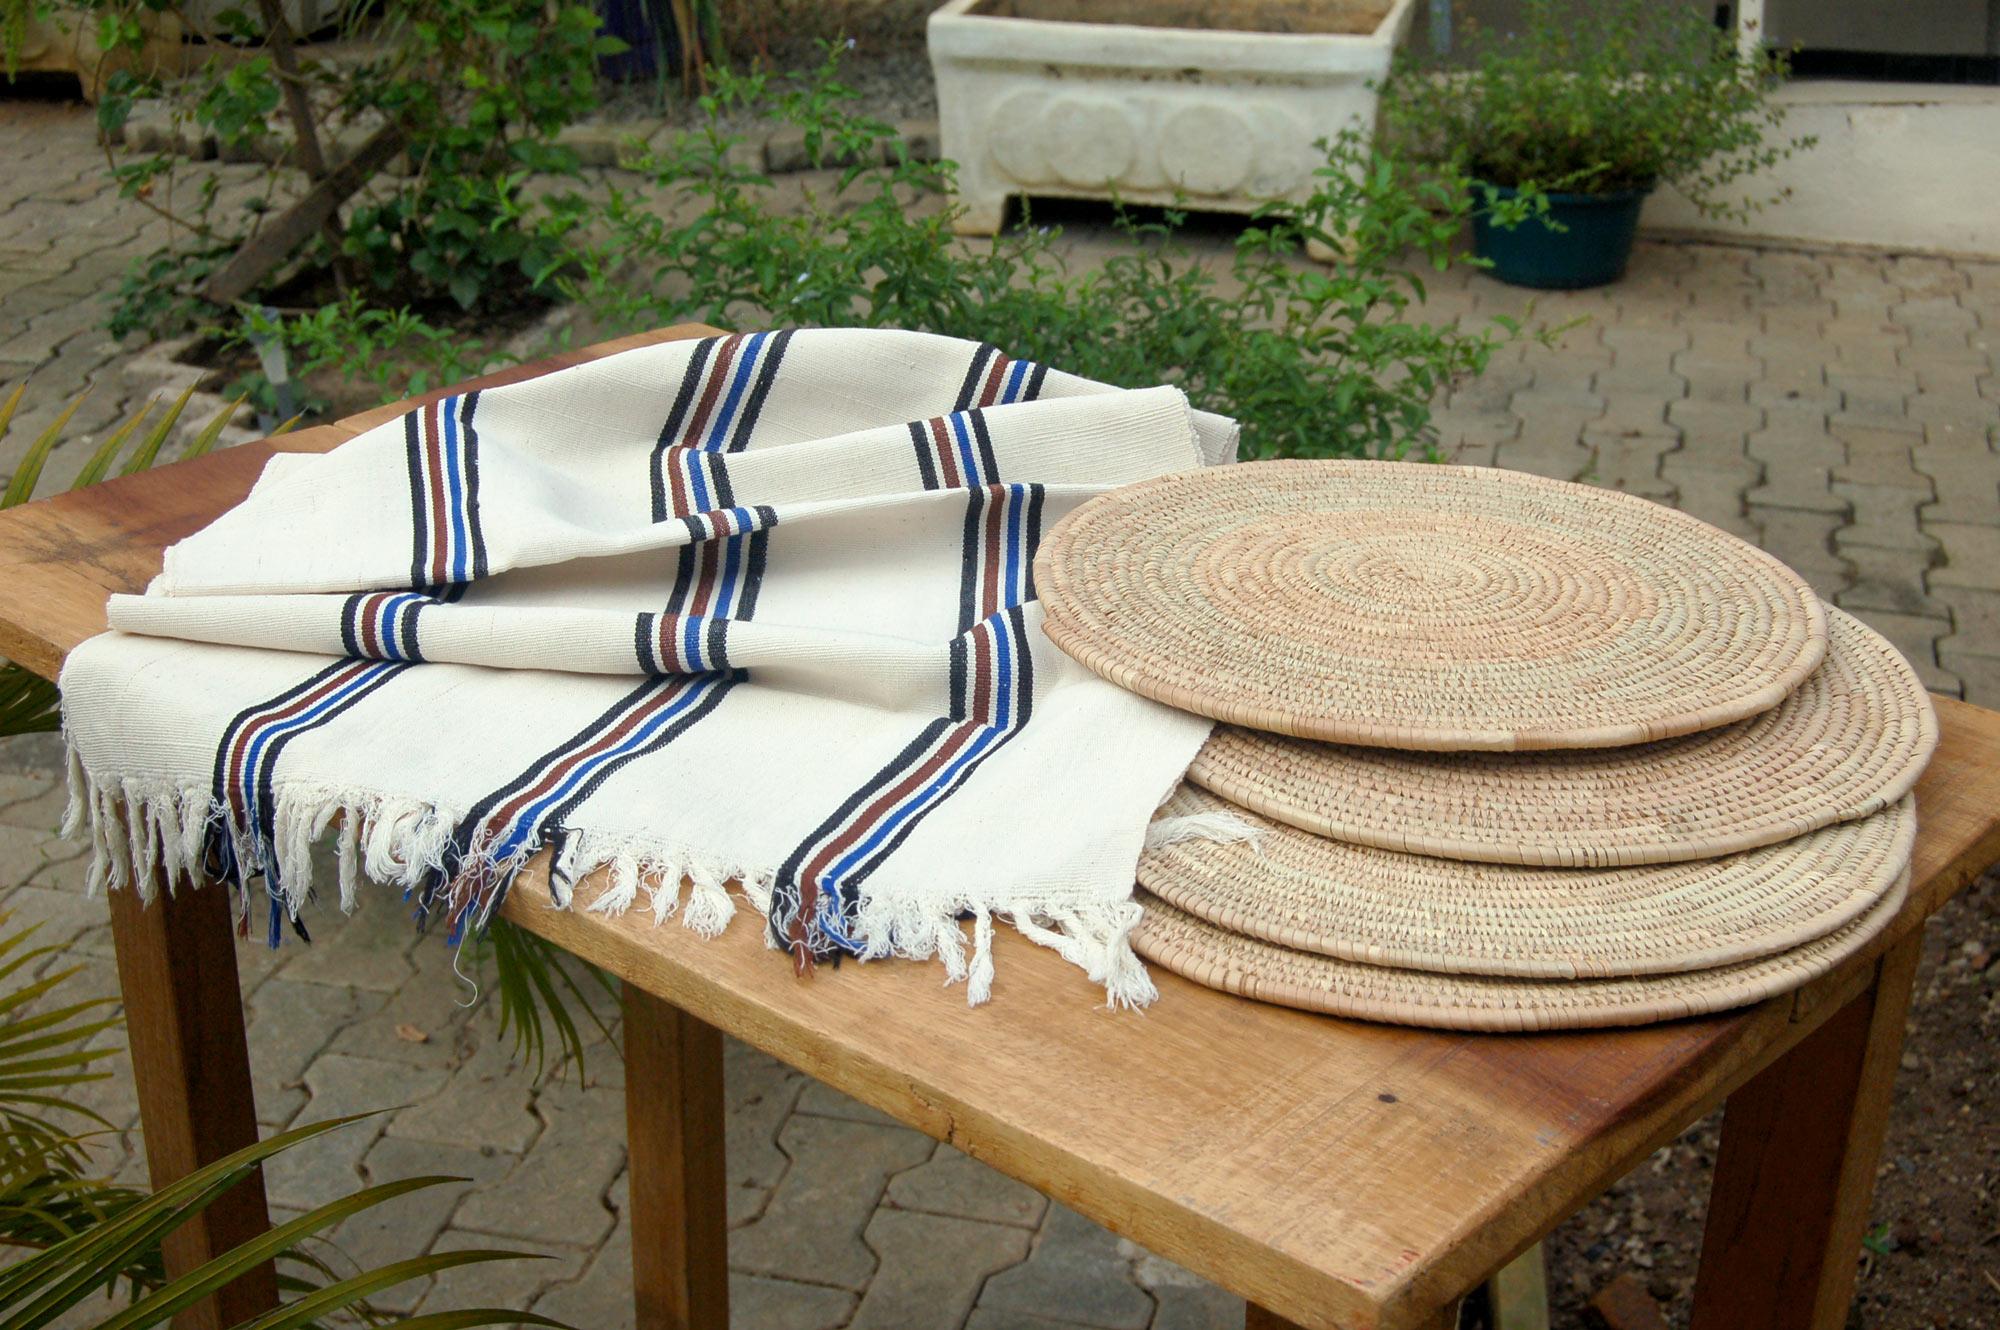 Table Setting / Table Decor Set